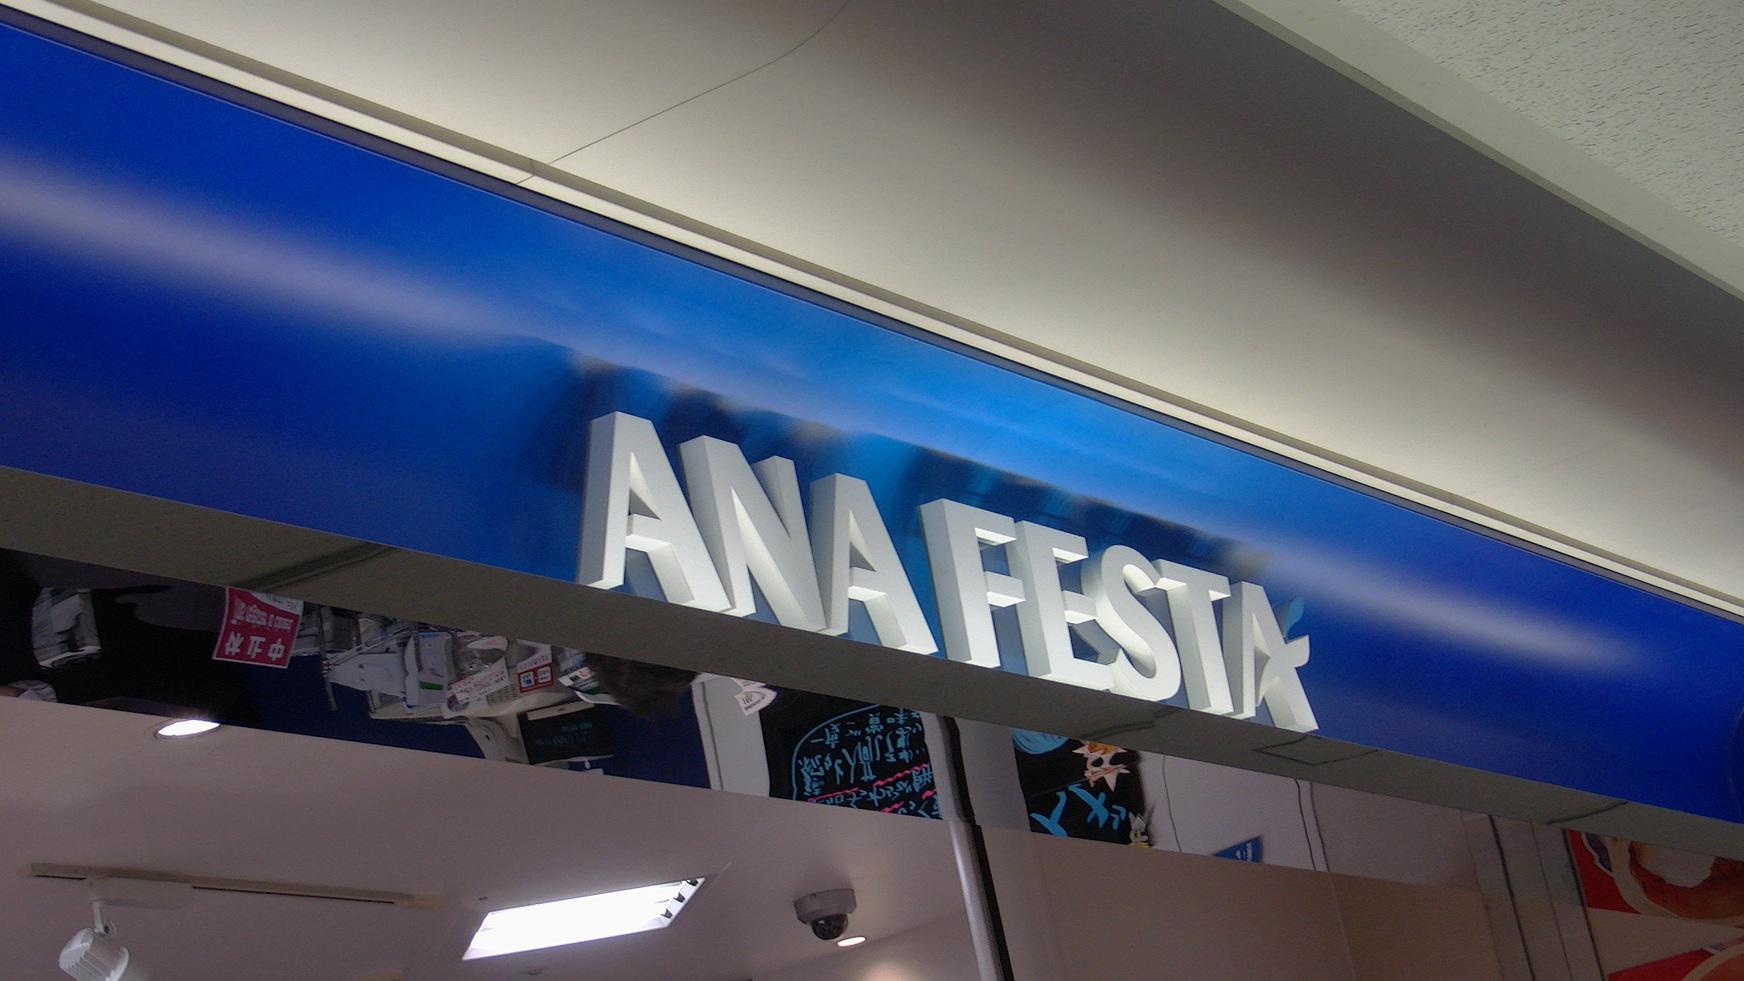 ANAフェスタ 伊丹ロビー店